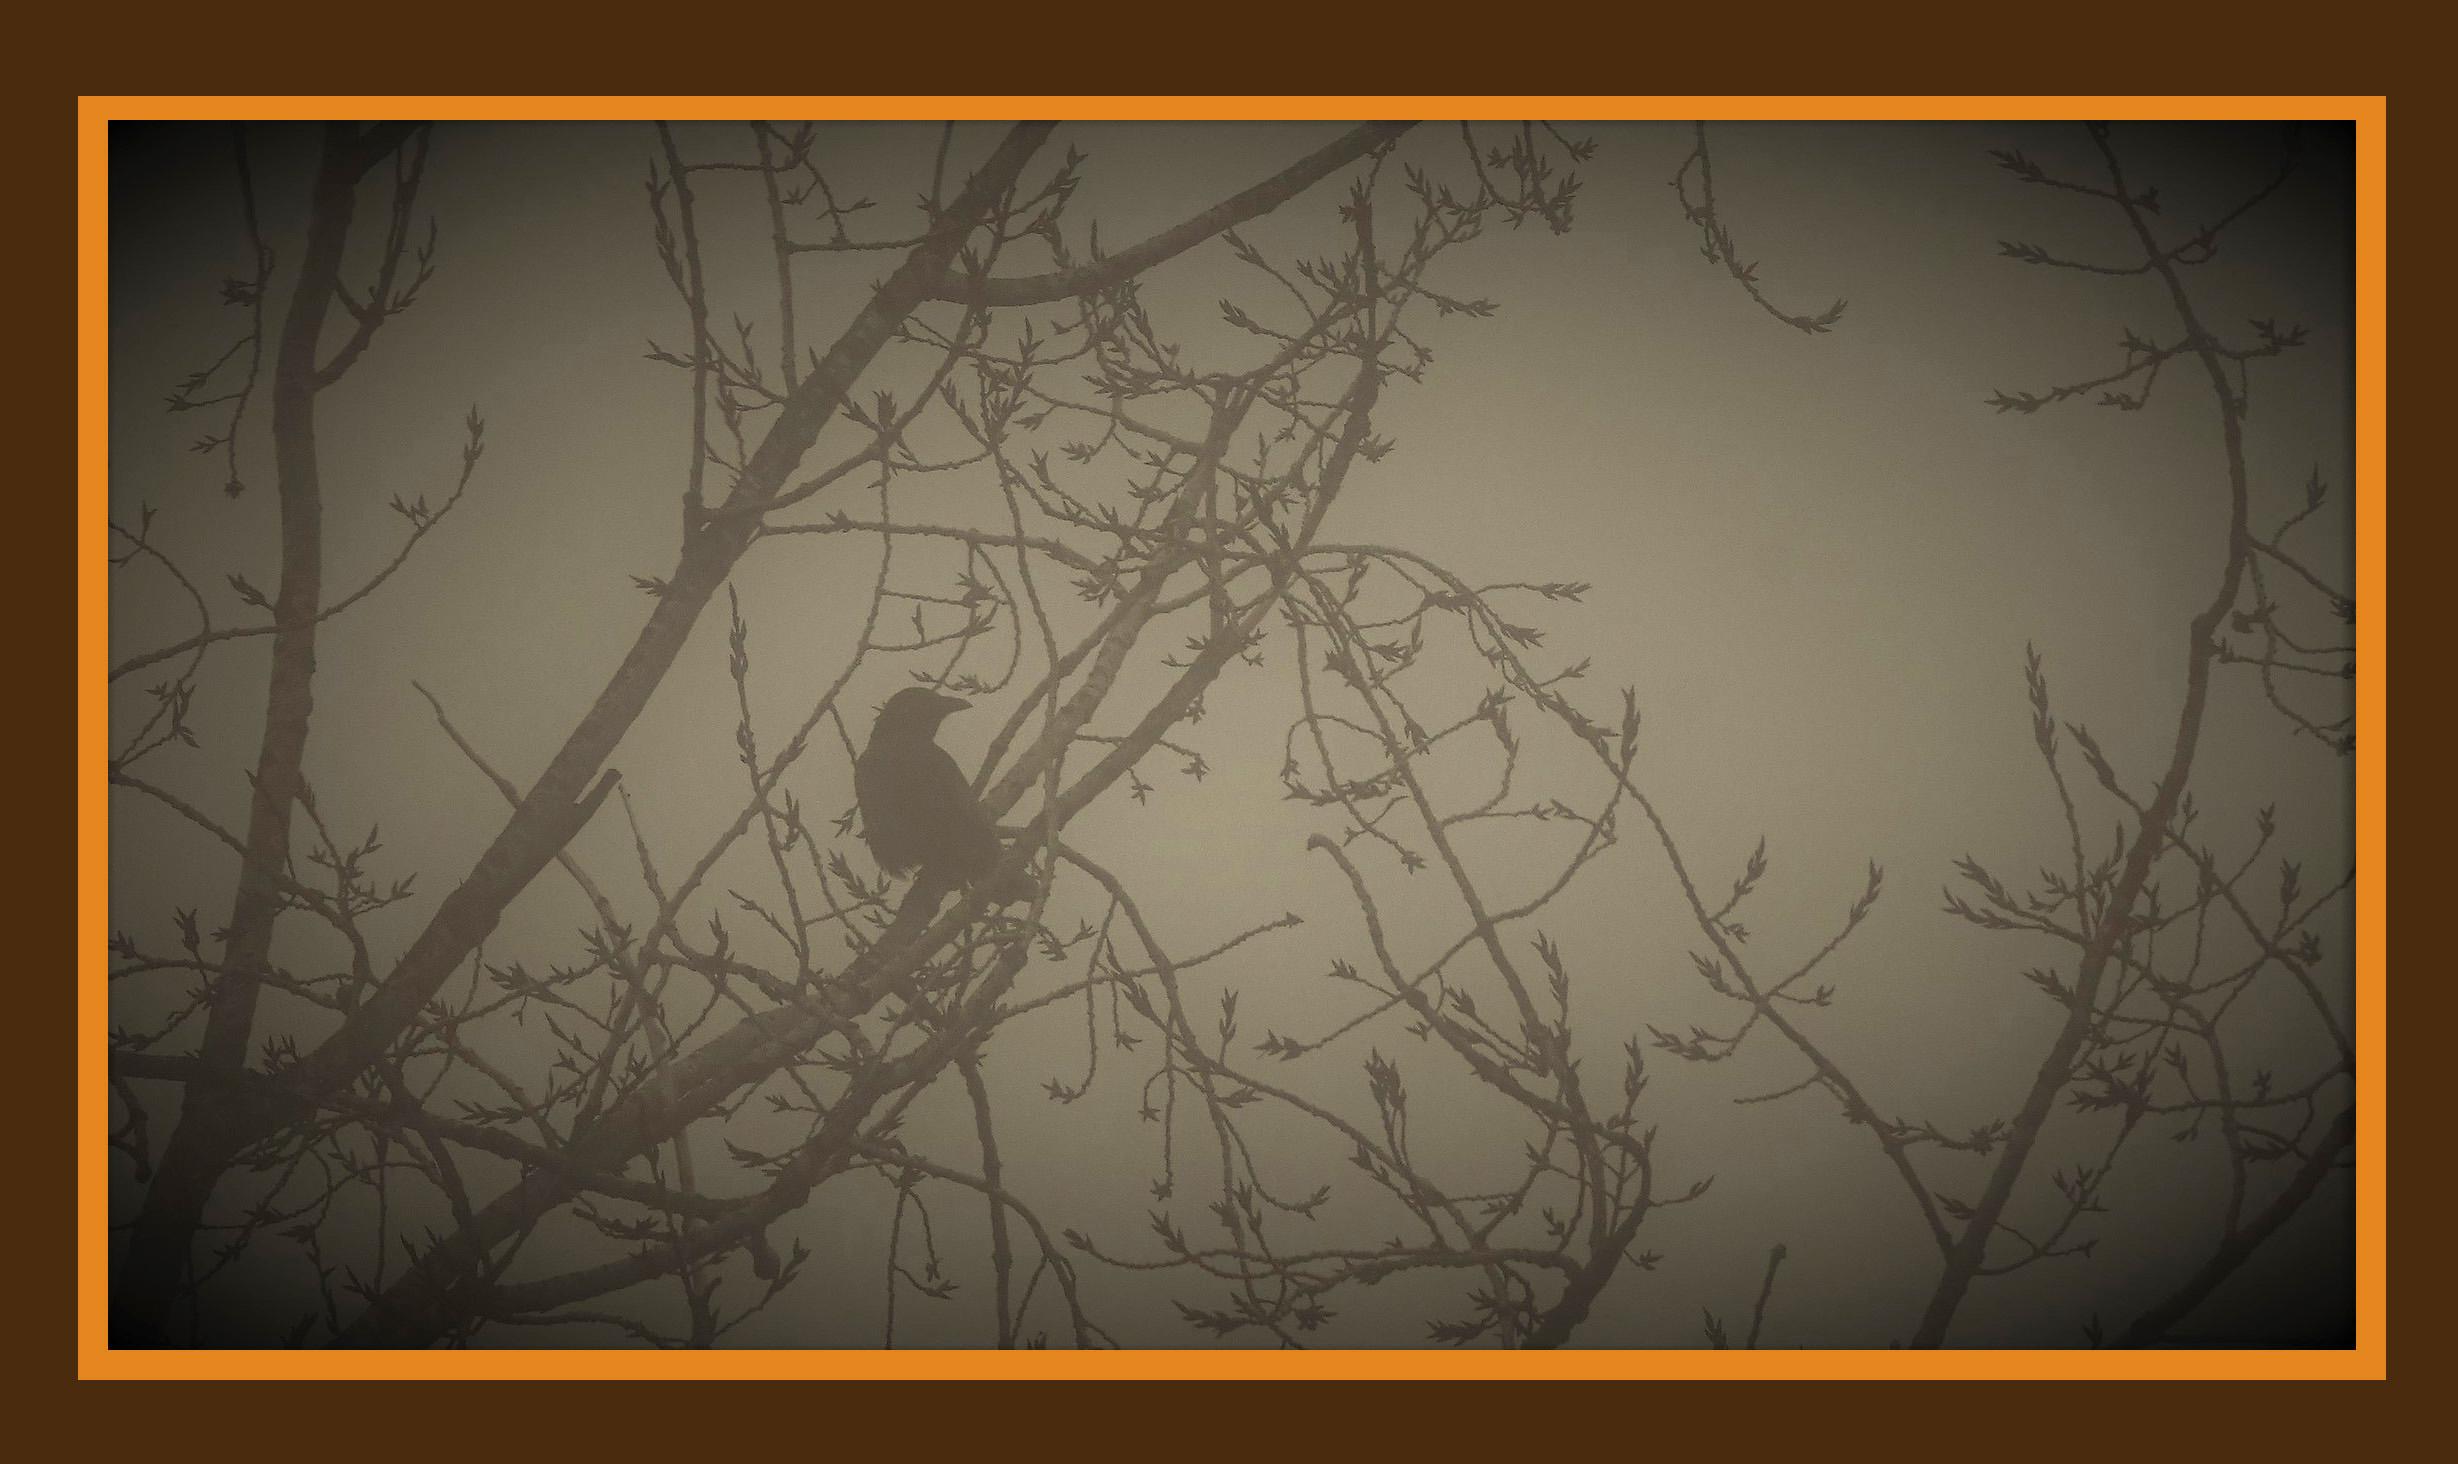 Tussen de wirwar van takken zat een eenzame vogel - Foto: ©Louis Fraanje